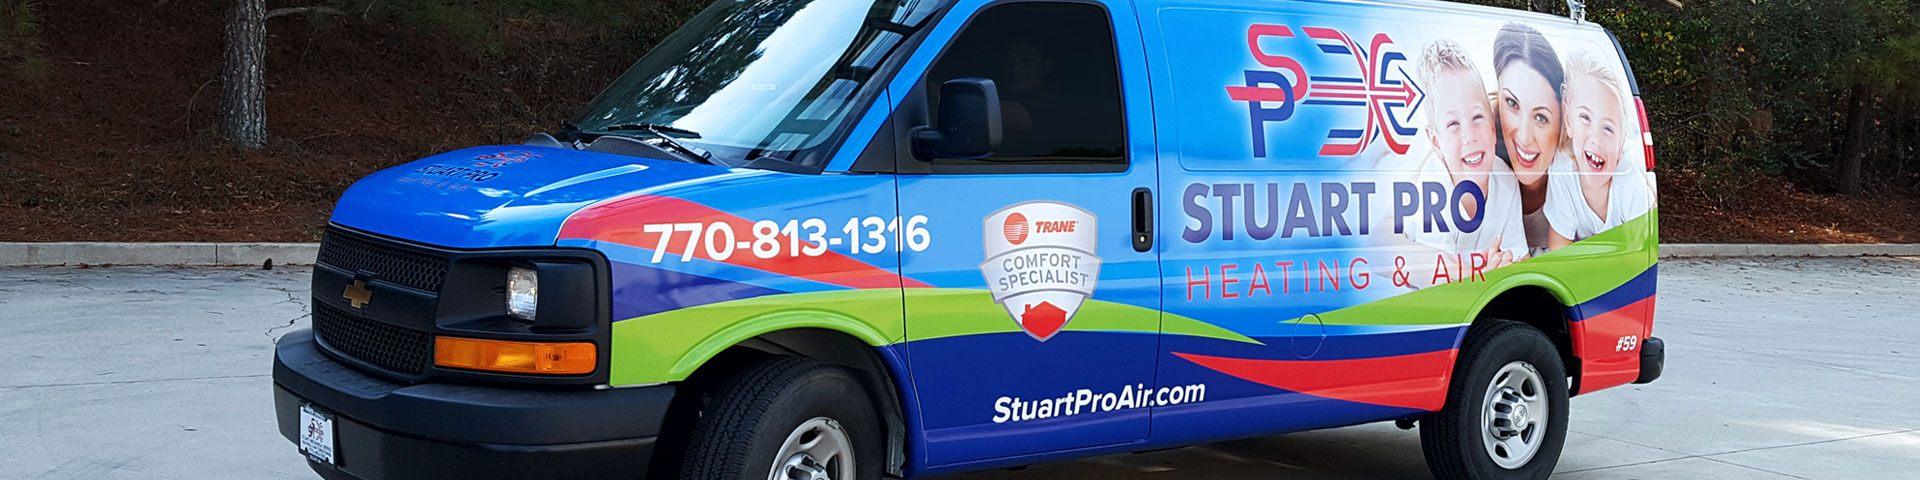 Pinnacle Custom Signs A National Sign Company Based In Atlanta - Custom car magnets atlanta